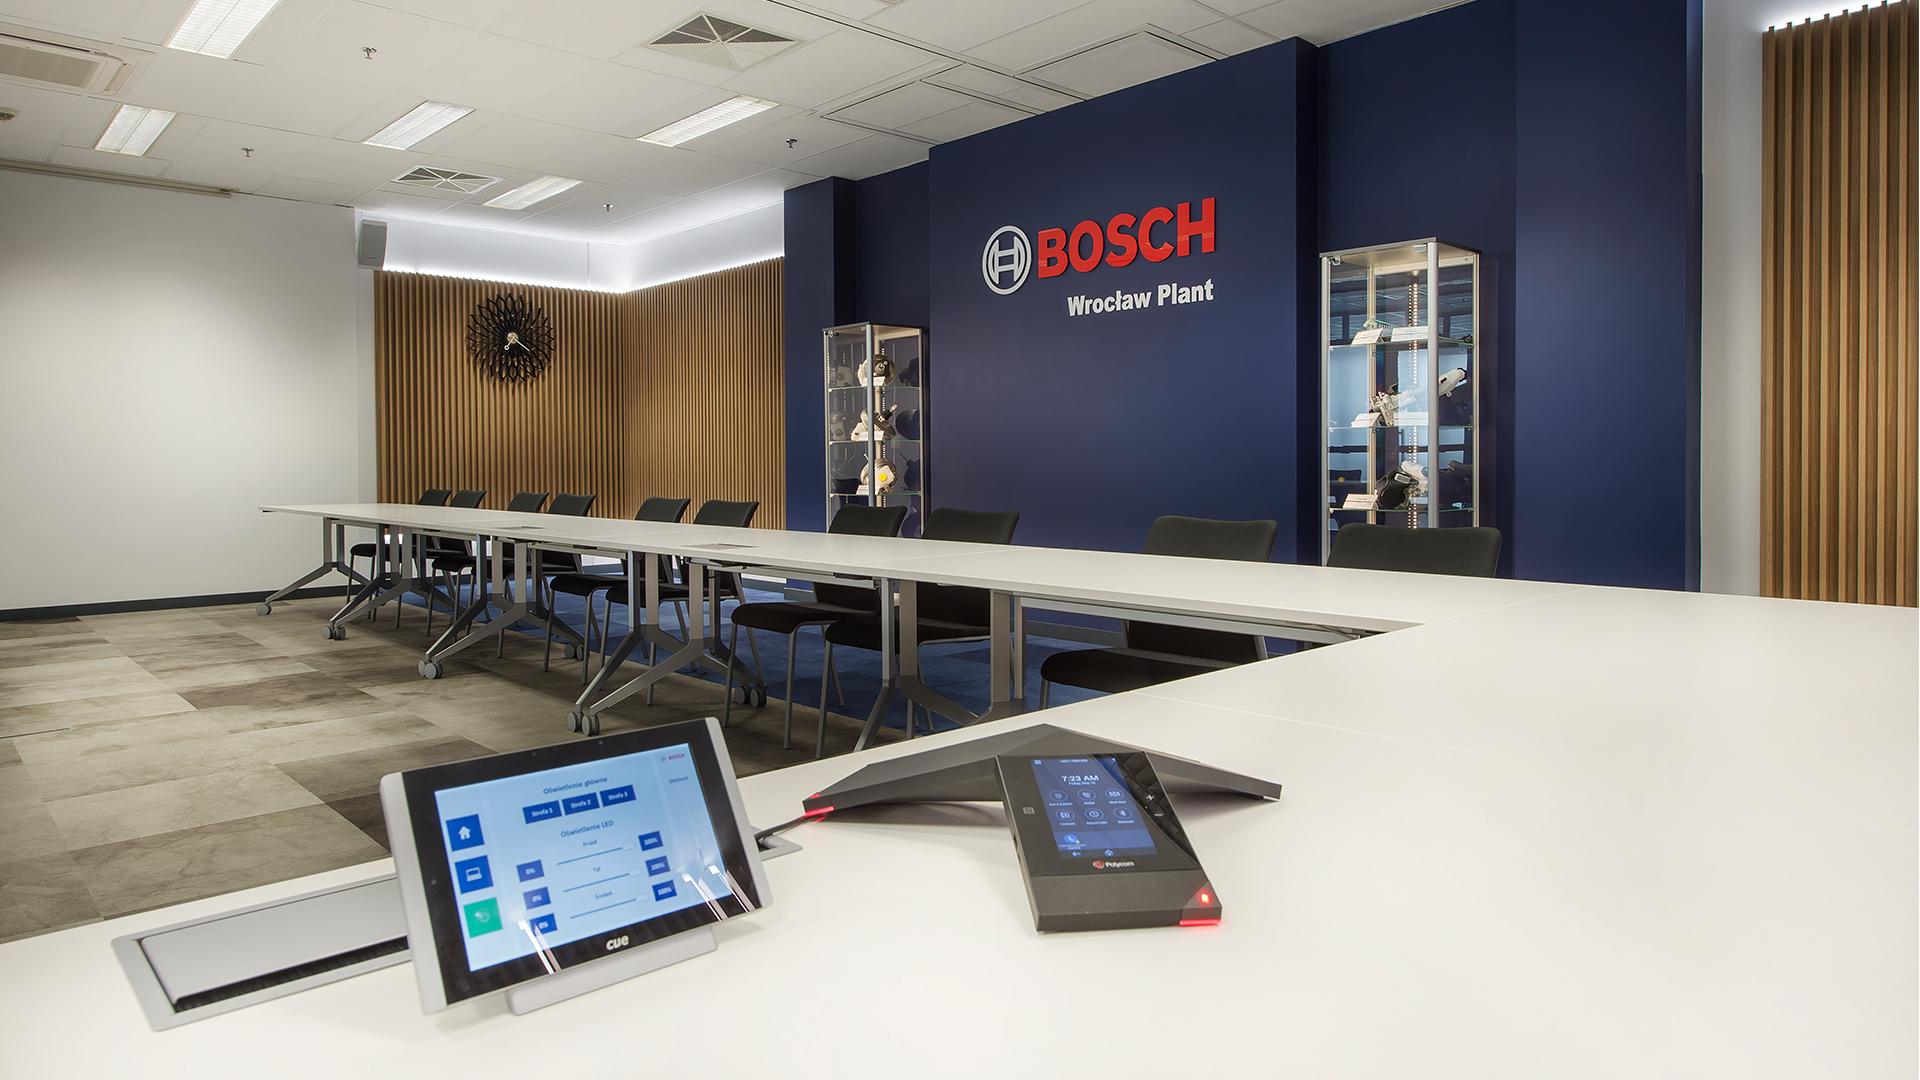 Realizacje - Przemiana firmy BOSCH  — inna jakość pracy